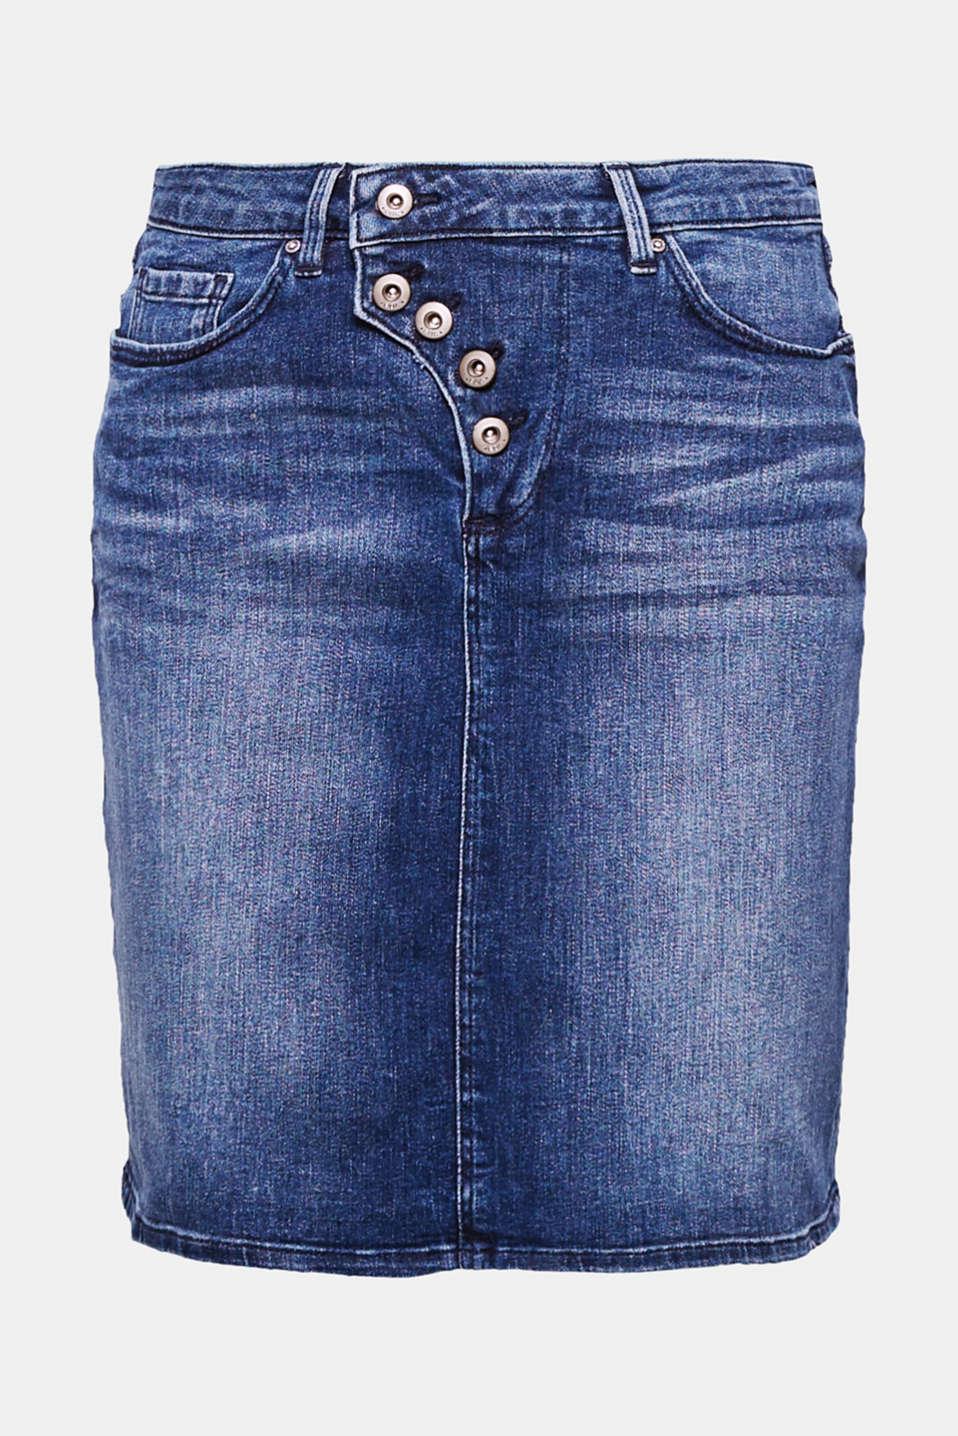 edc stretch jeans rock mit knopfleiste im online shop kaufen. Black Bedroom Furniture Sets. Home Design Ideas